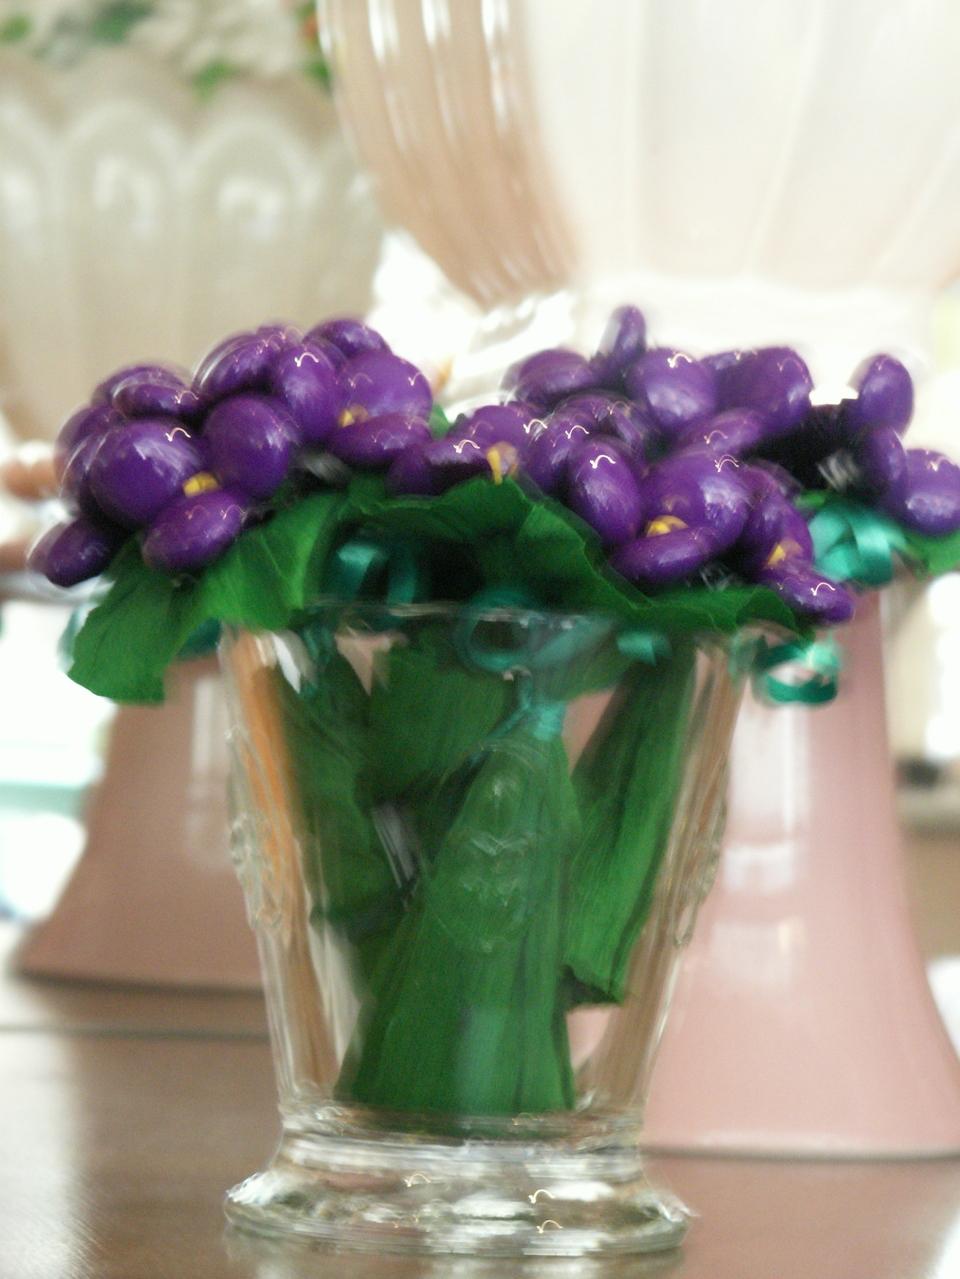 Blurryviolet